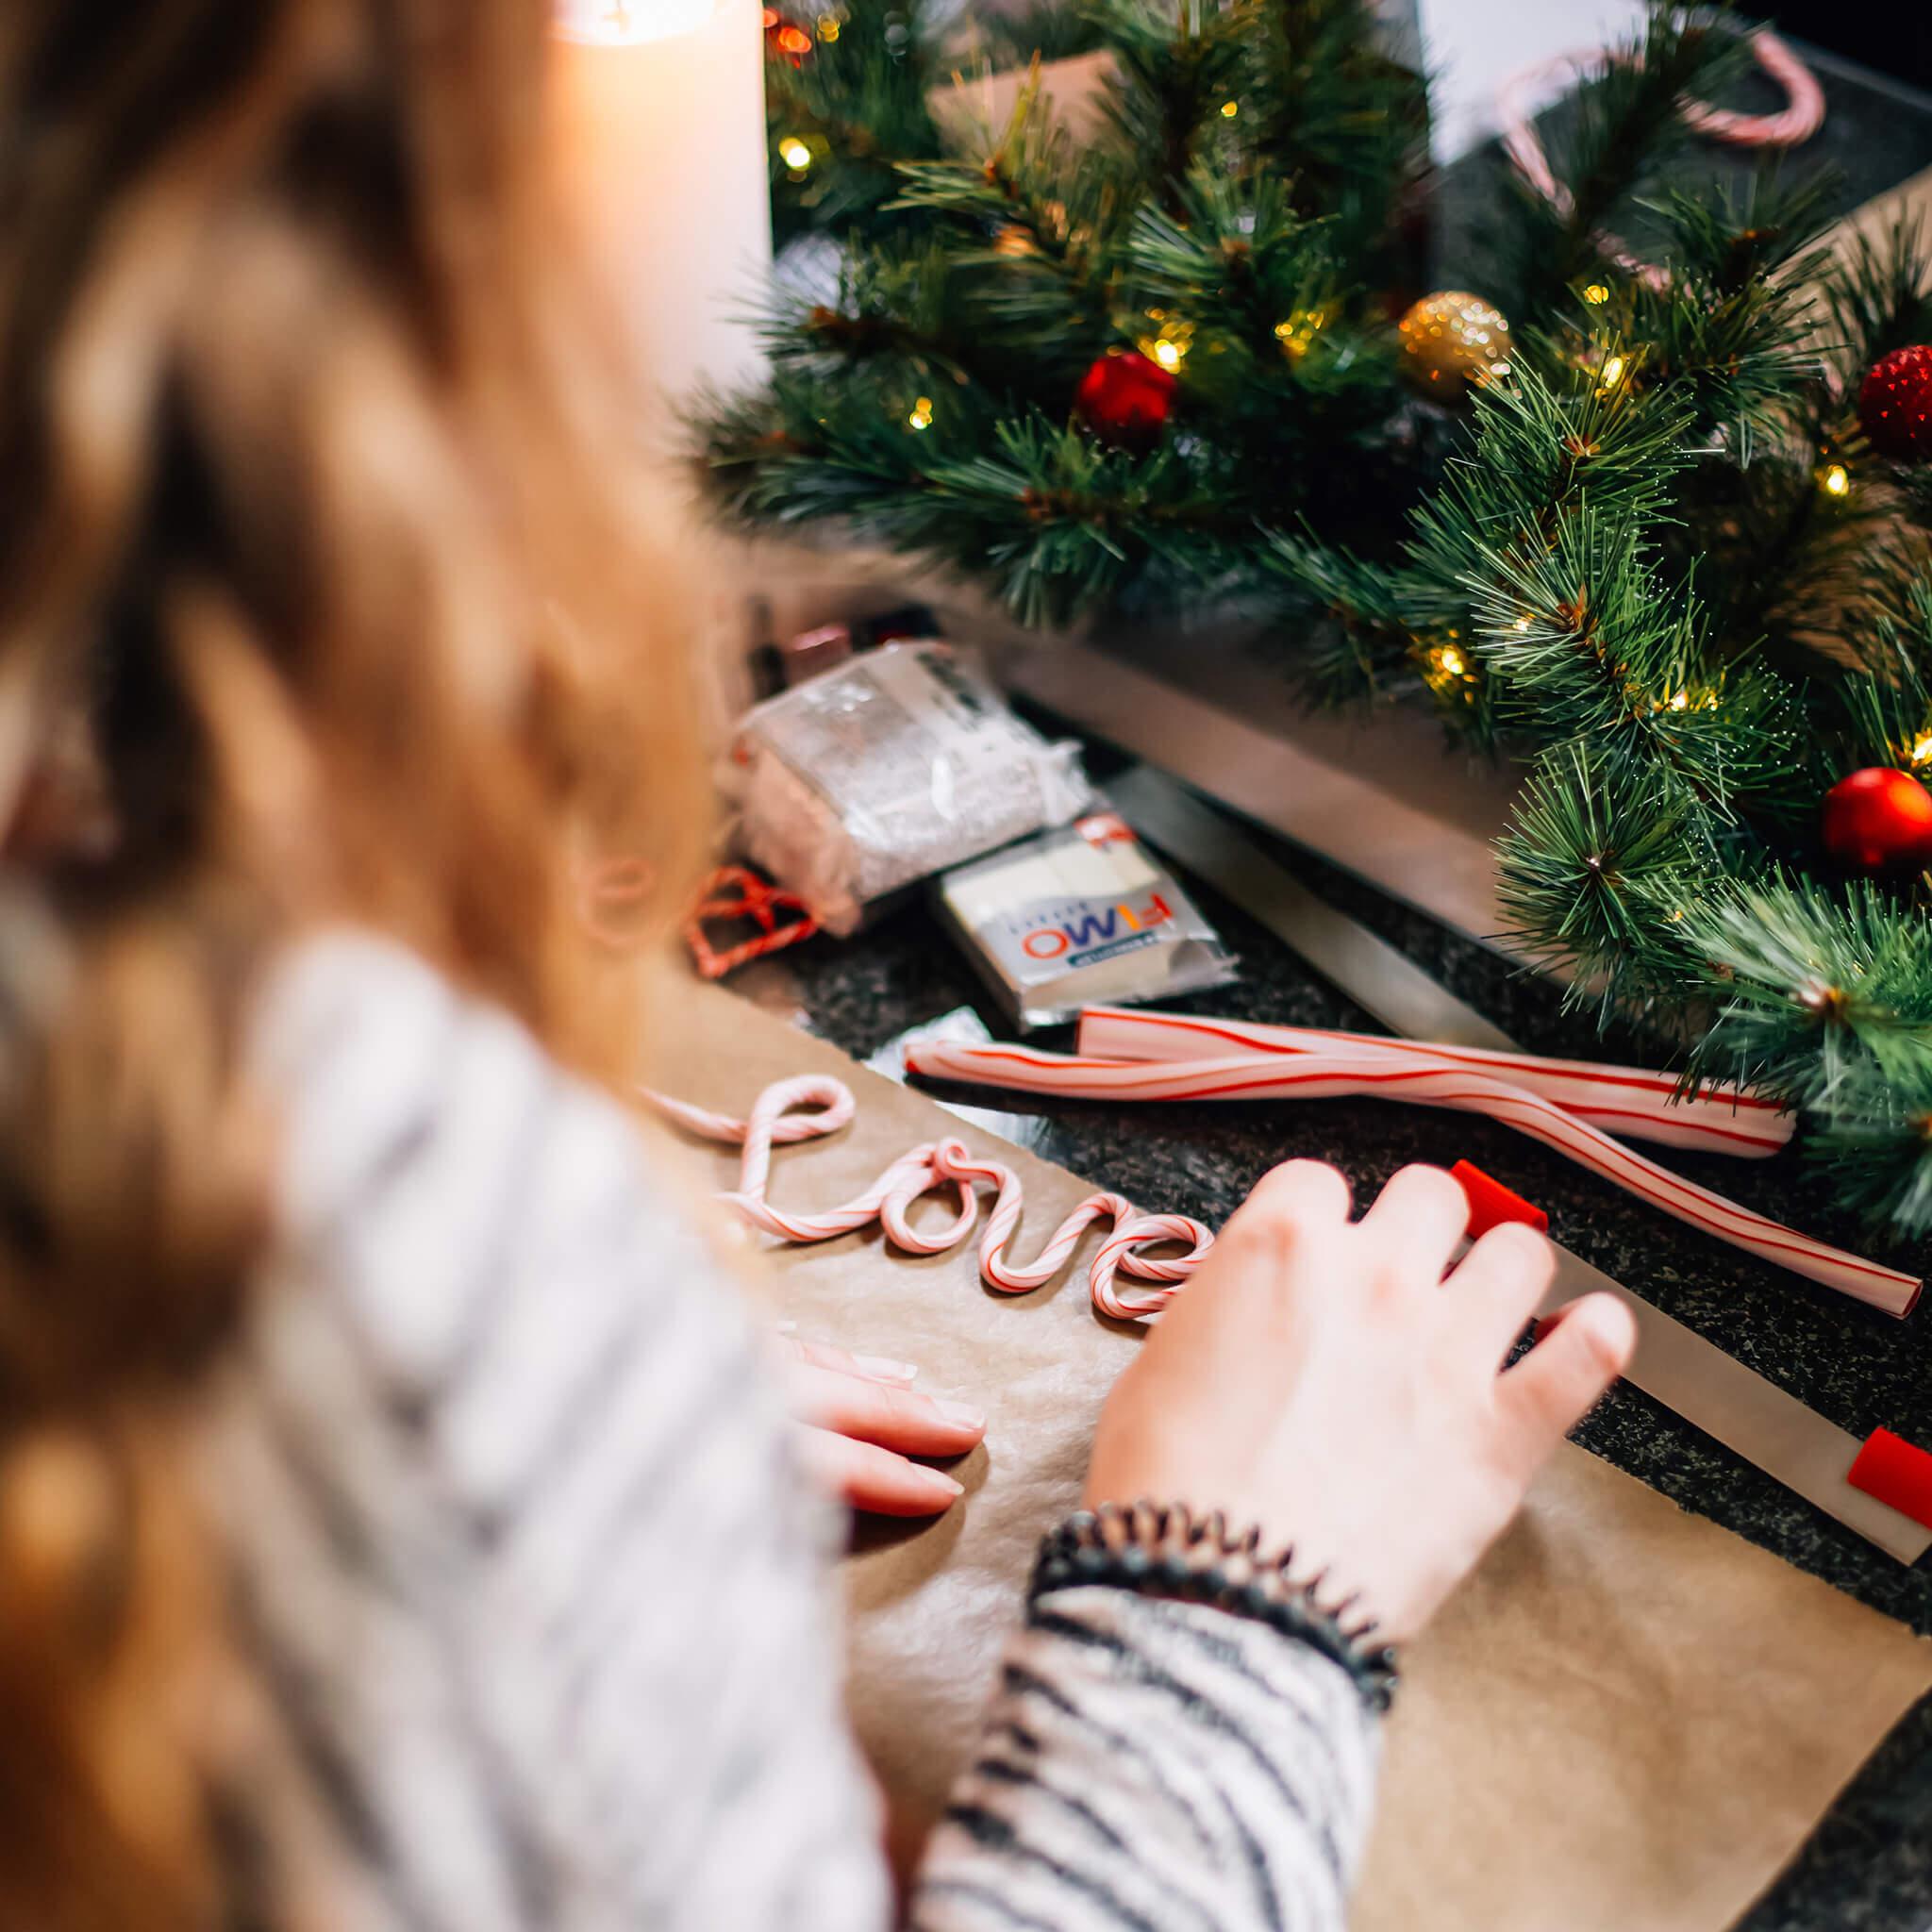 Kerstdecoratie maken met FIMO klei   Maak leuke kerstdecoratie van FIMO klei zoals deze candy cane tekst